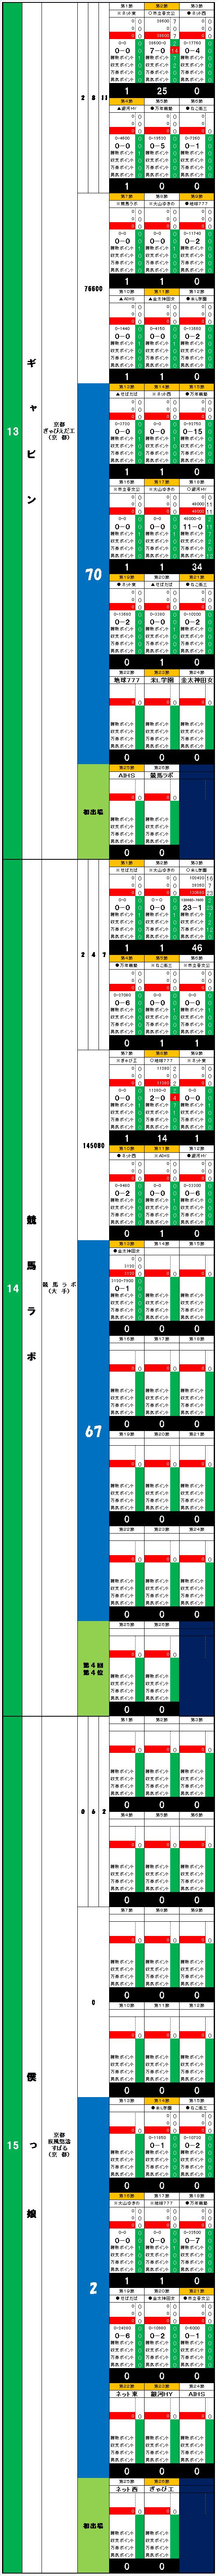 20160412・ダルマンリーグ第21節後半終了個人成績データ⑤.jpg